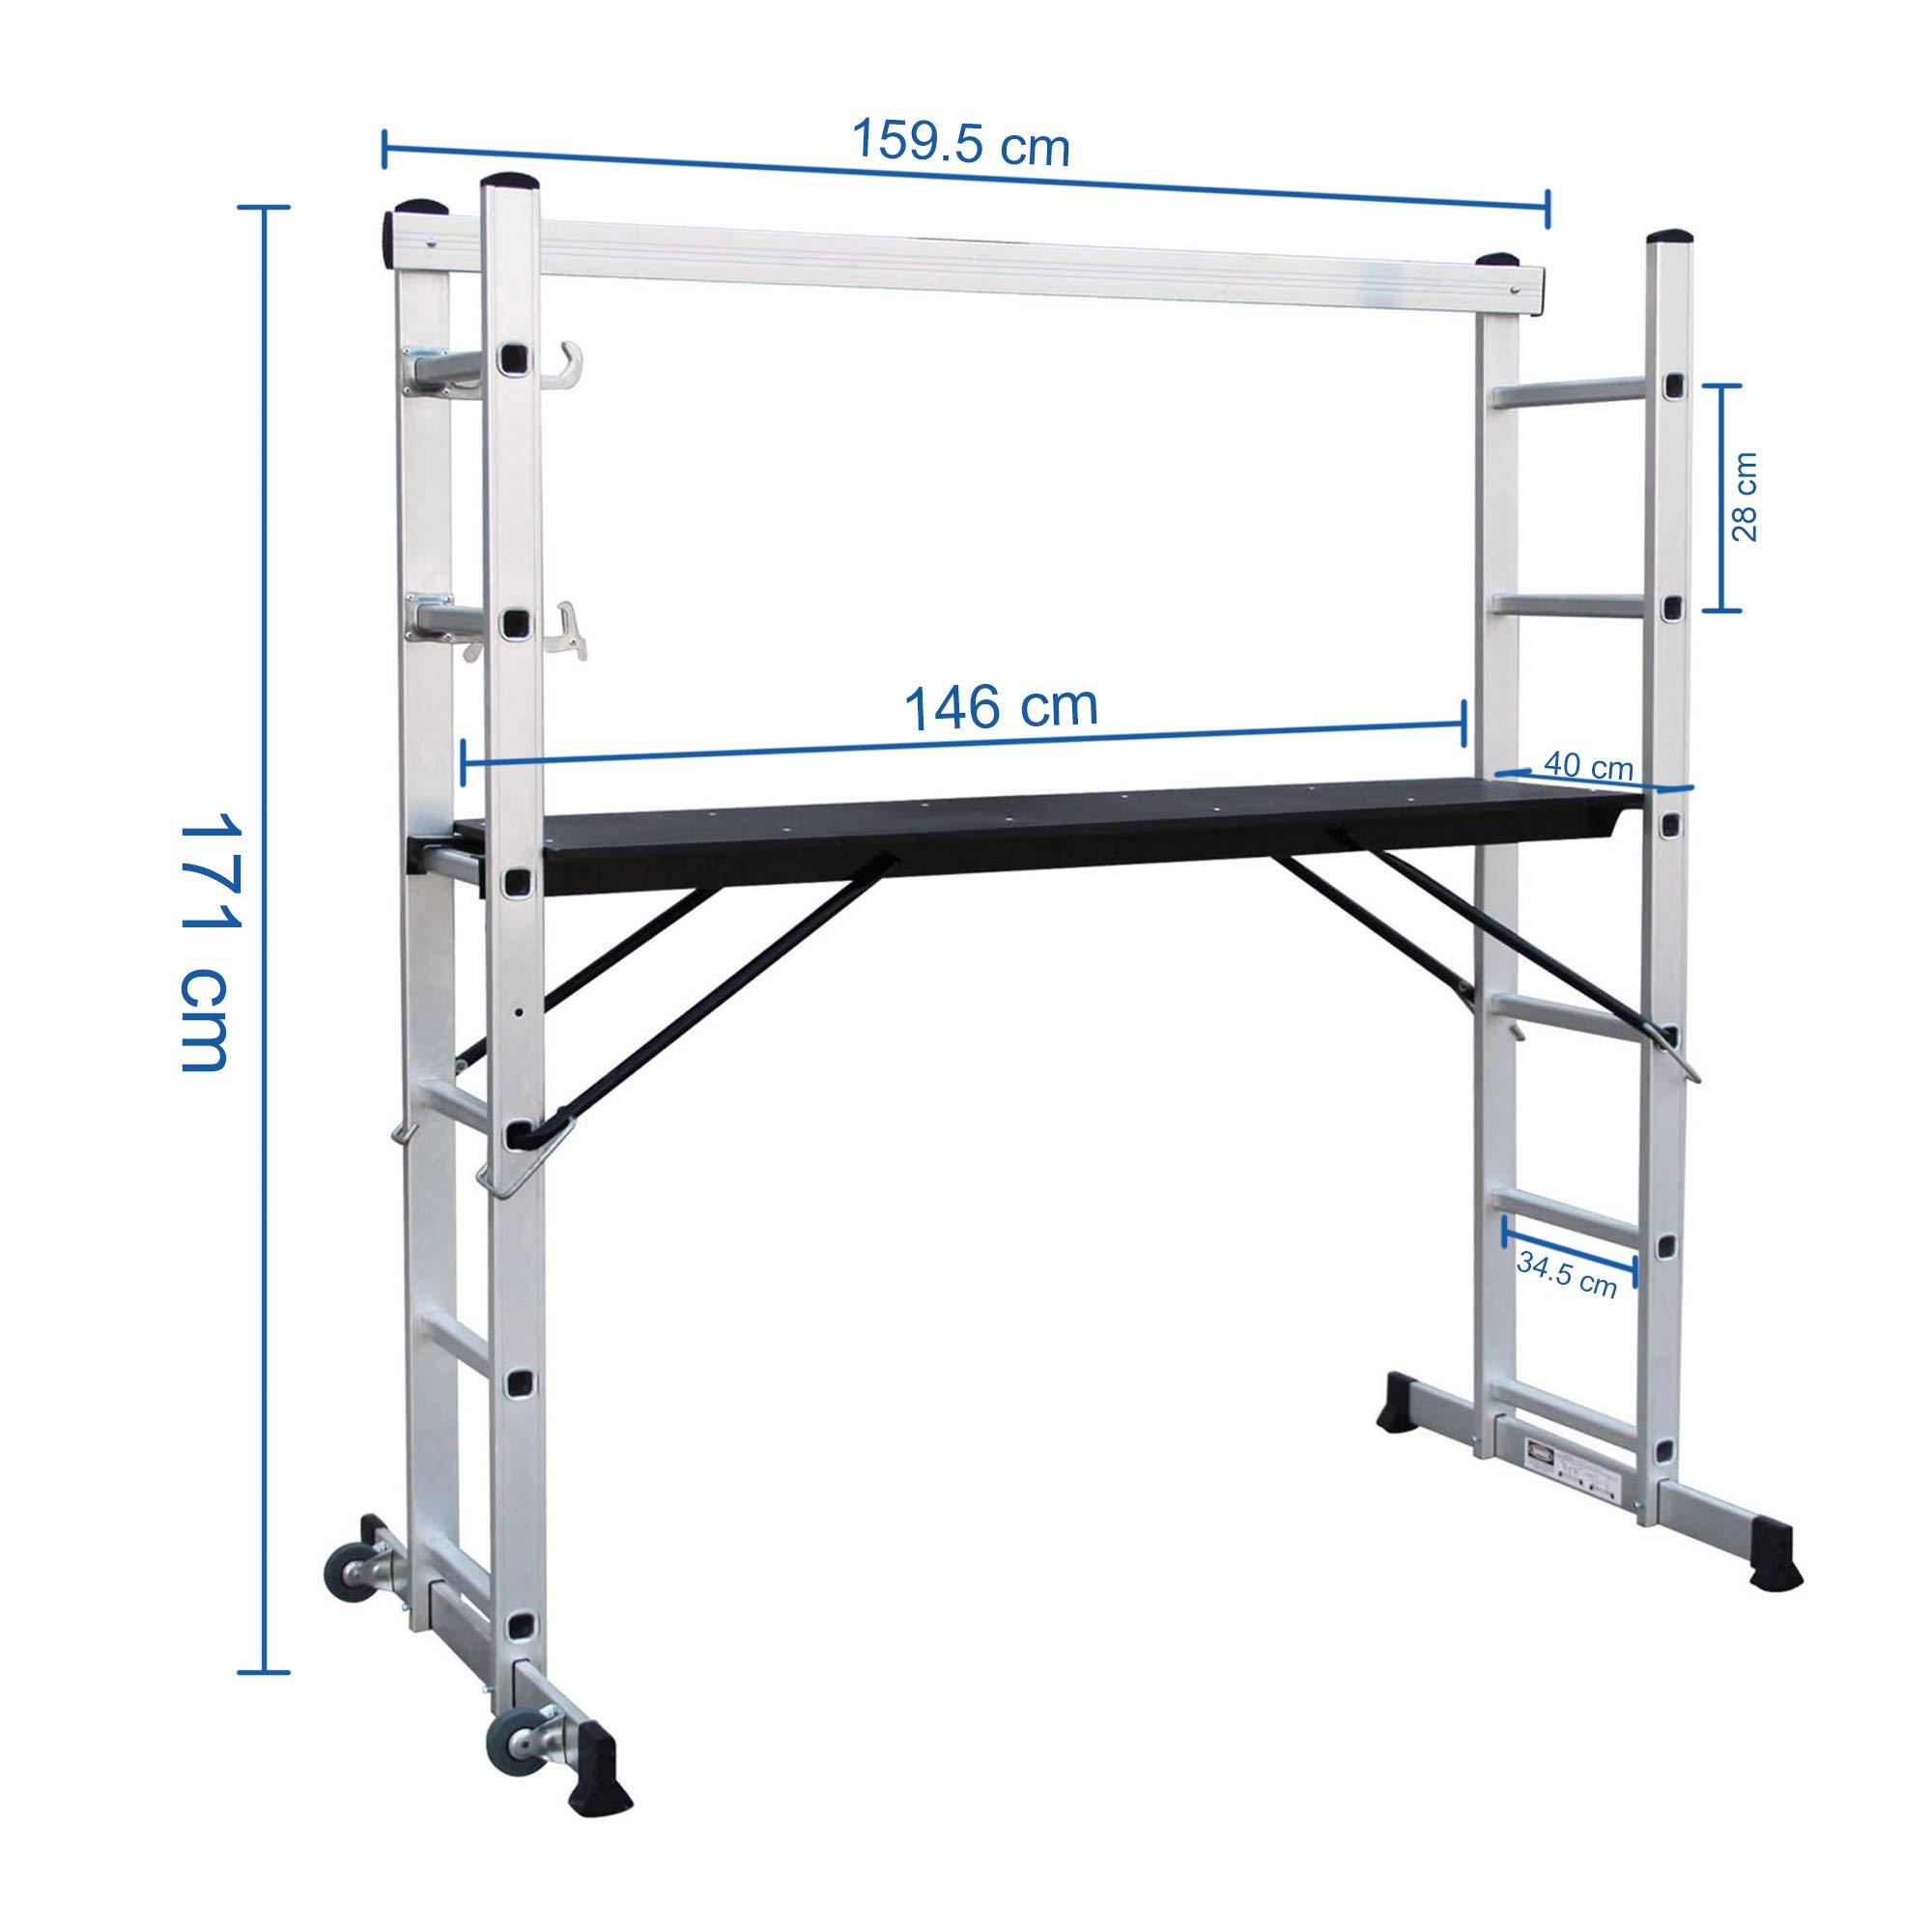 Sotech - Escalera Multiusos, Andamio, 168 x 160 x 45 cm, EN 131, Carga máxima: 150 kg, Tamaño de la plataforma: 147 x 40,5 cm: Amazon.es: Bricolaje y herramientas